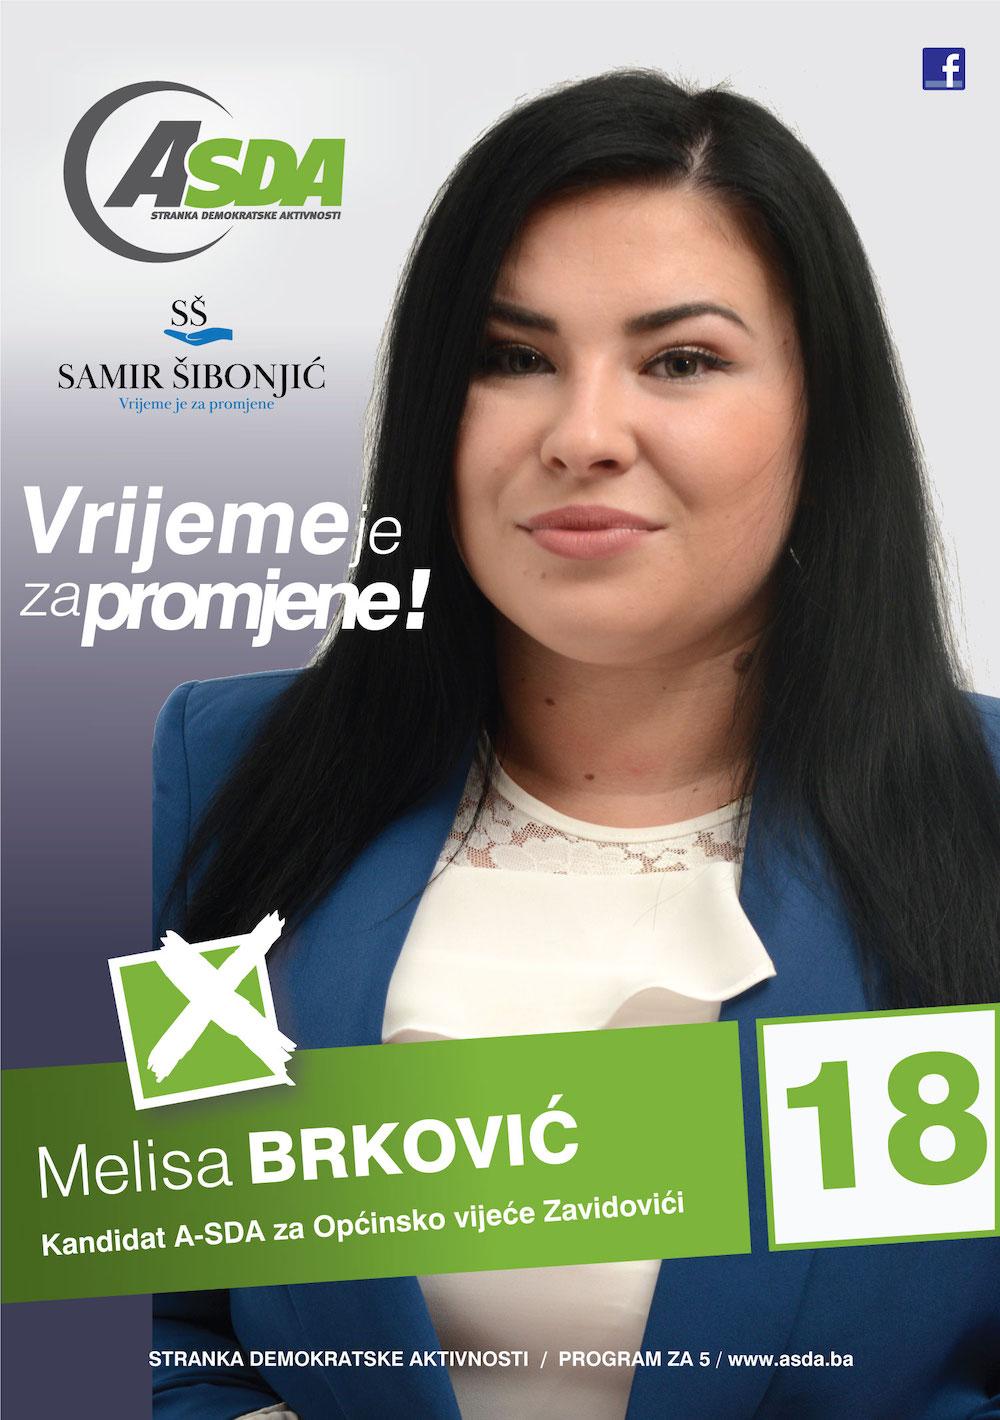 Melisa Brković